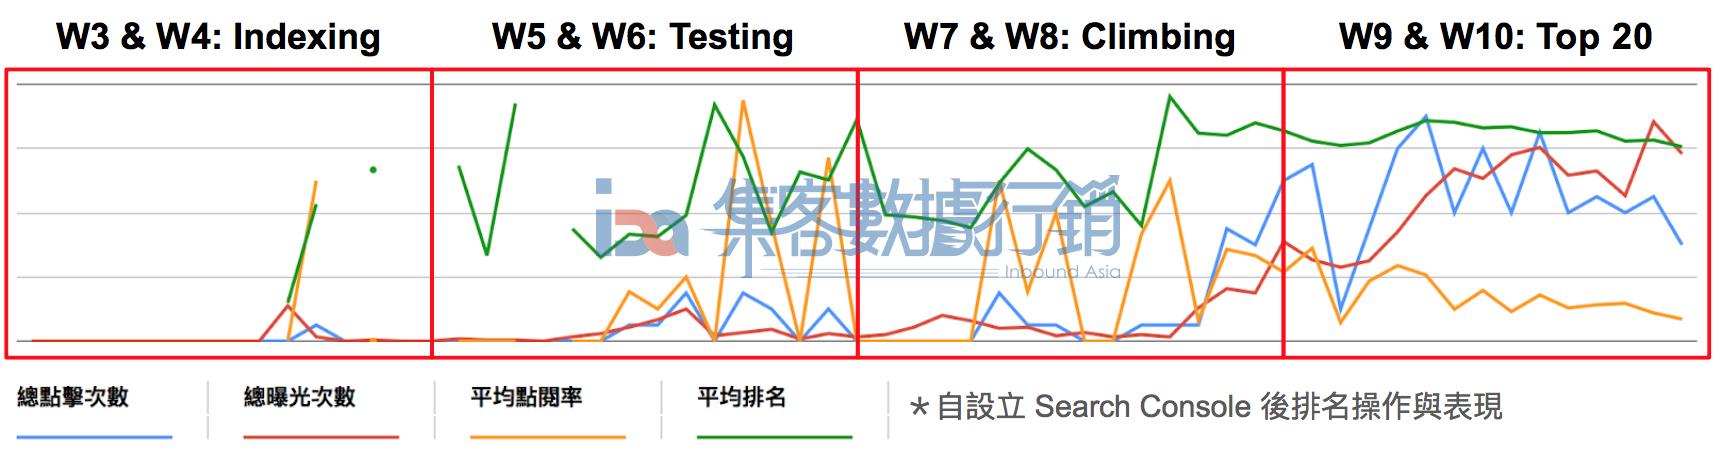 圖例:集客數據行銷操作SEO之10週成長分享